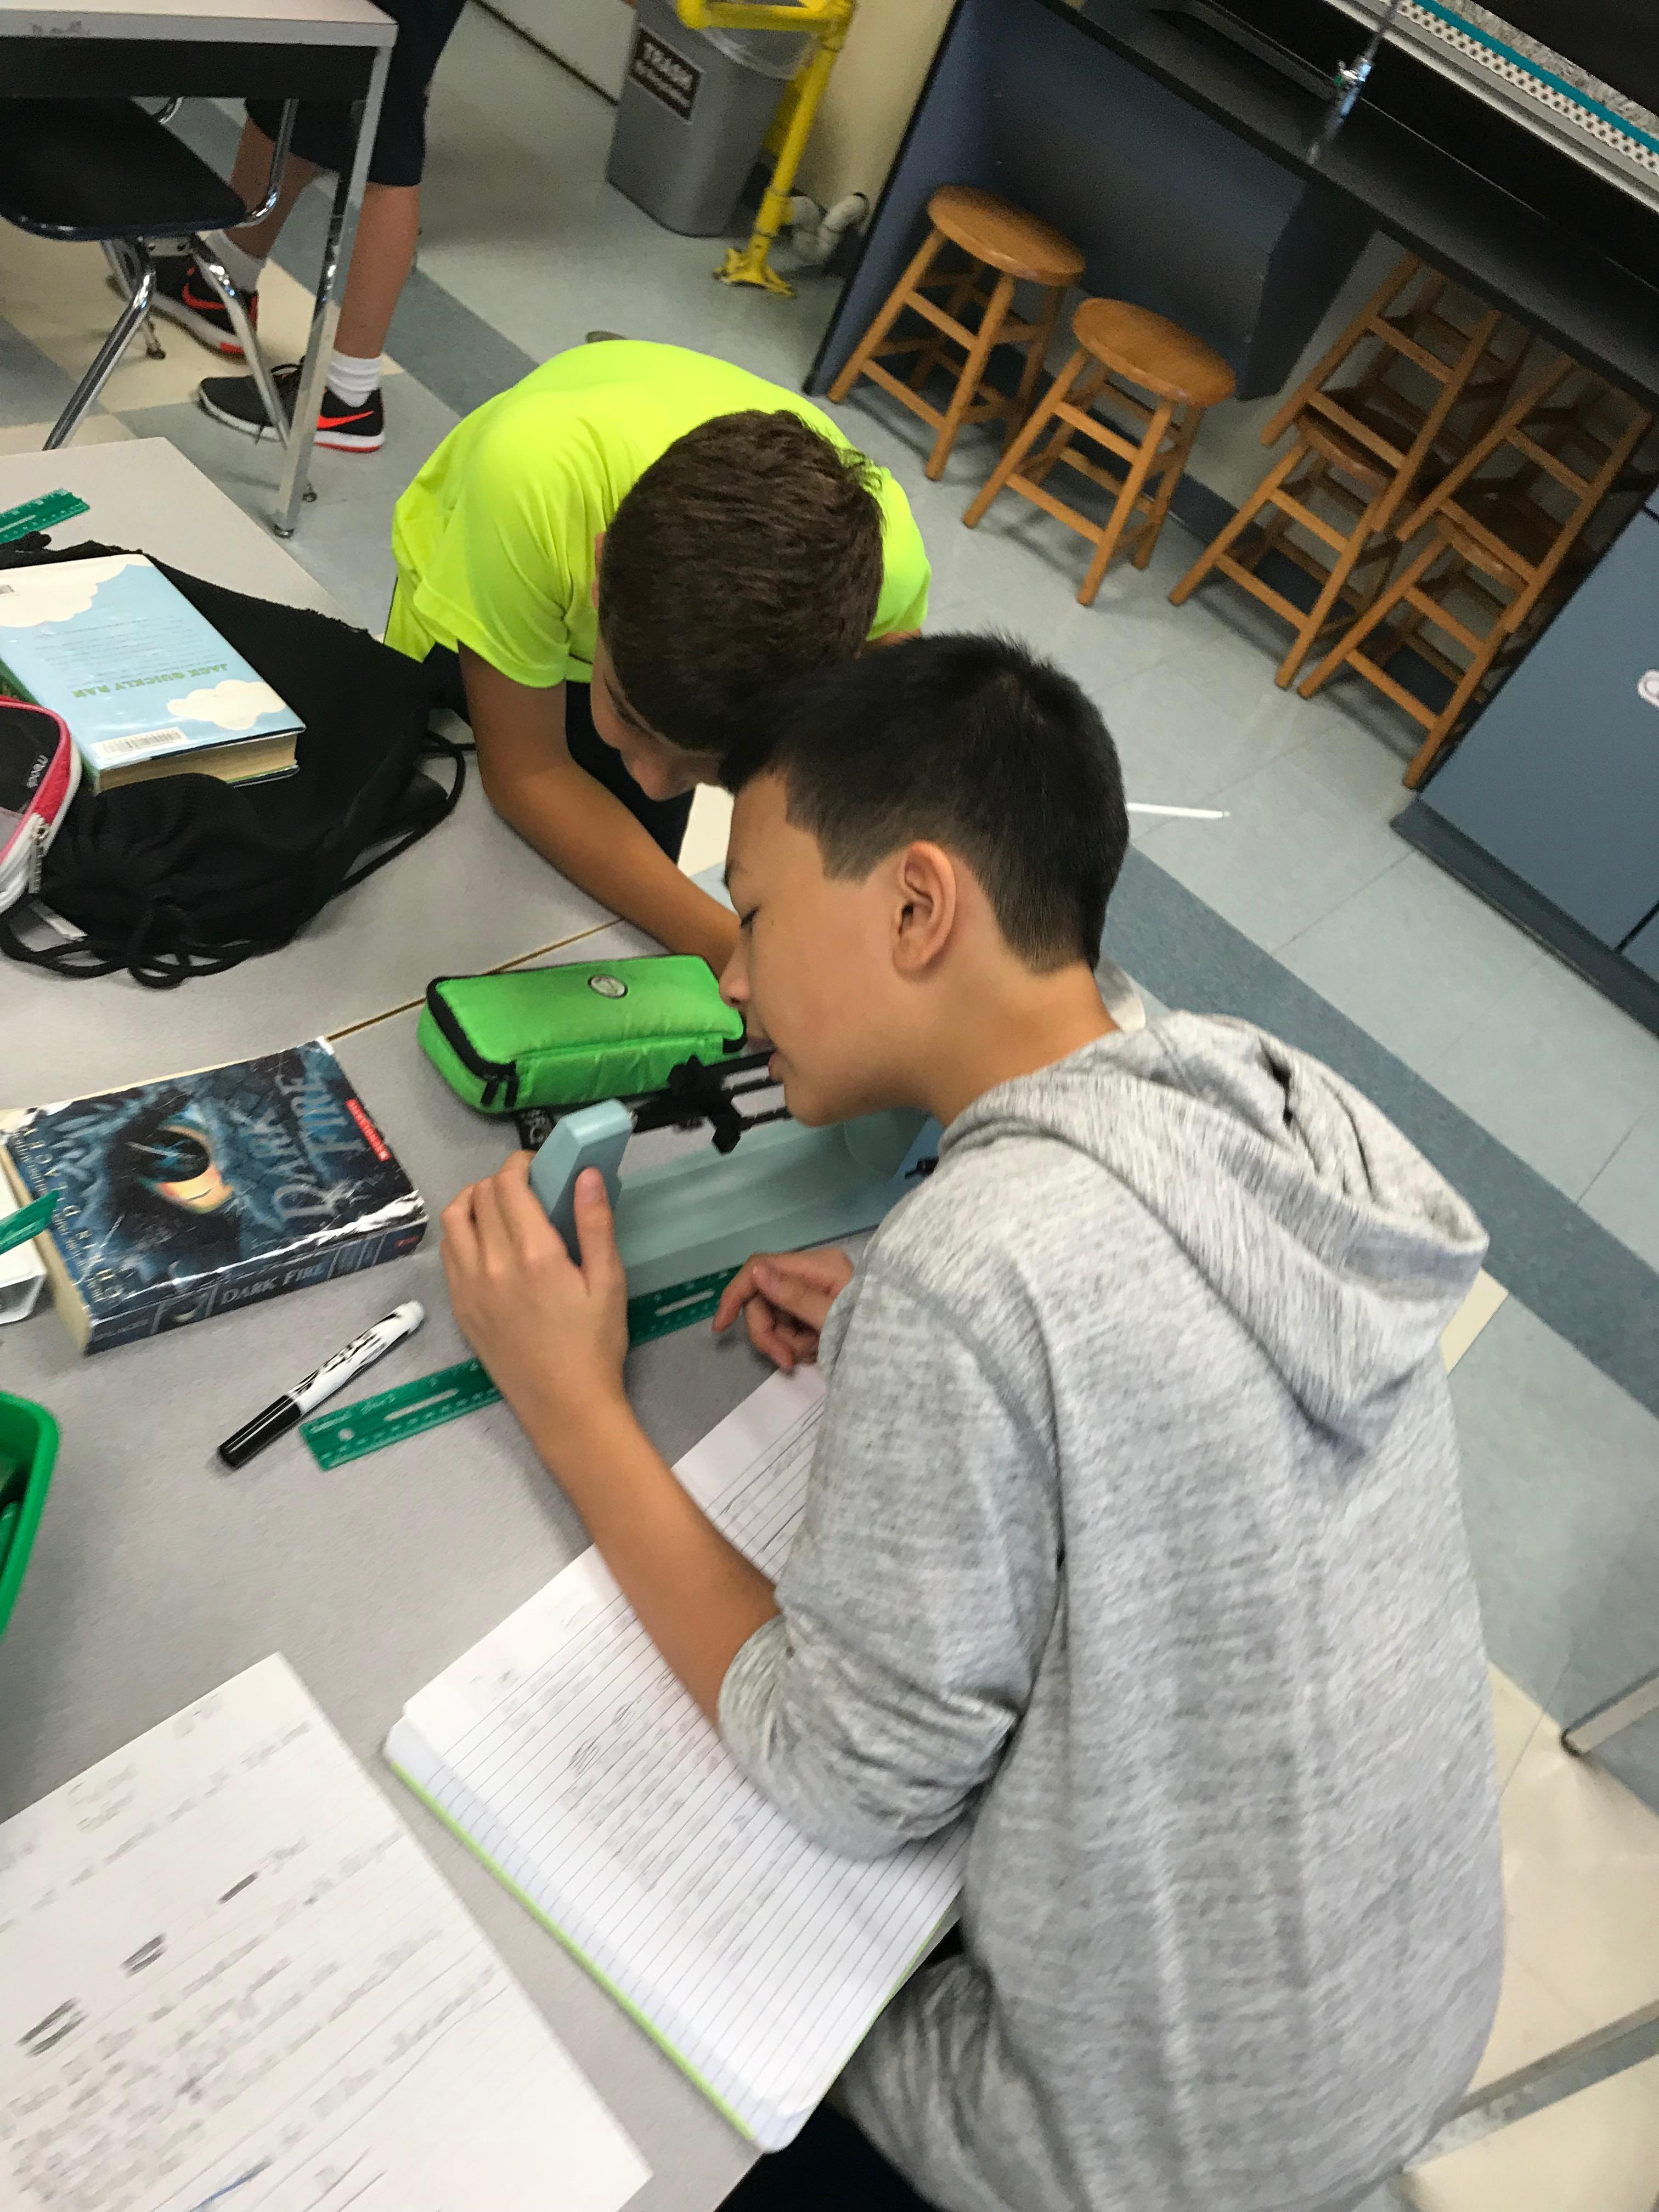 Determining the Lab Tools